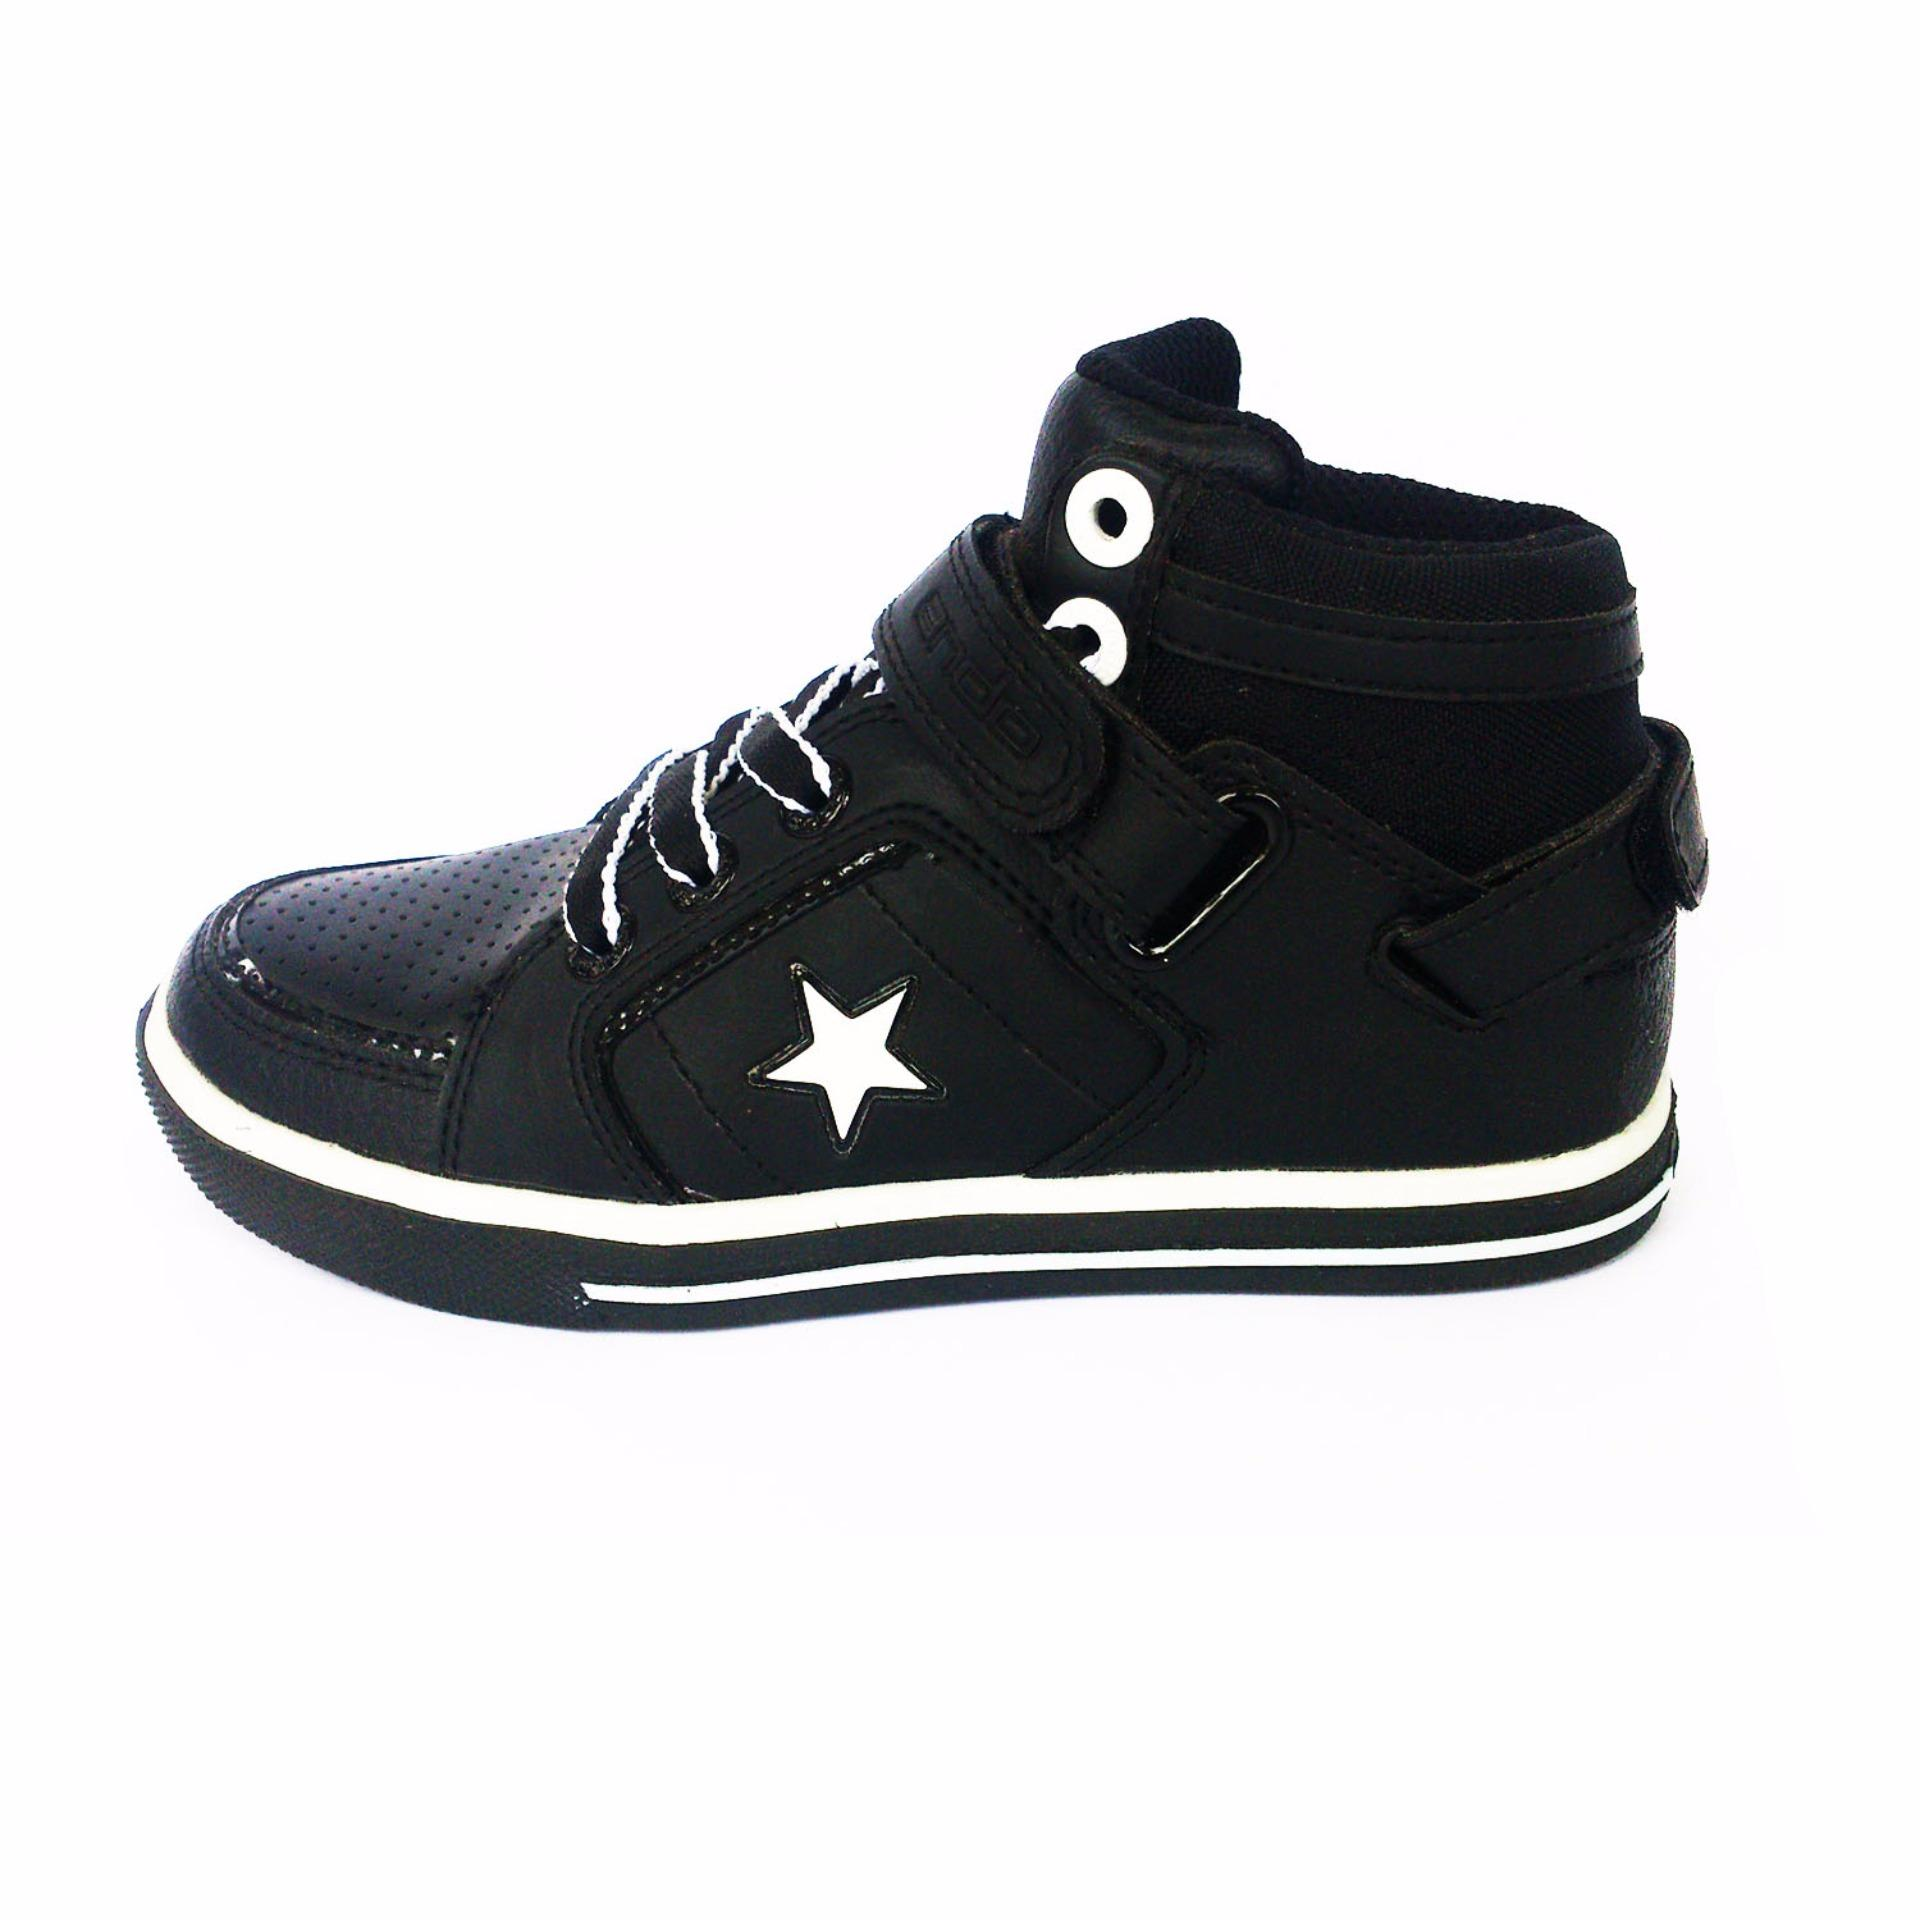 Ando Sepatu Sekolah Sneakers Vigo P Hitam Daftar Update Harga Anak Warna New Prestige Putih